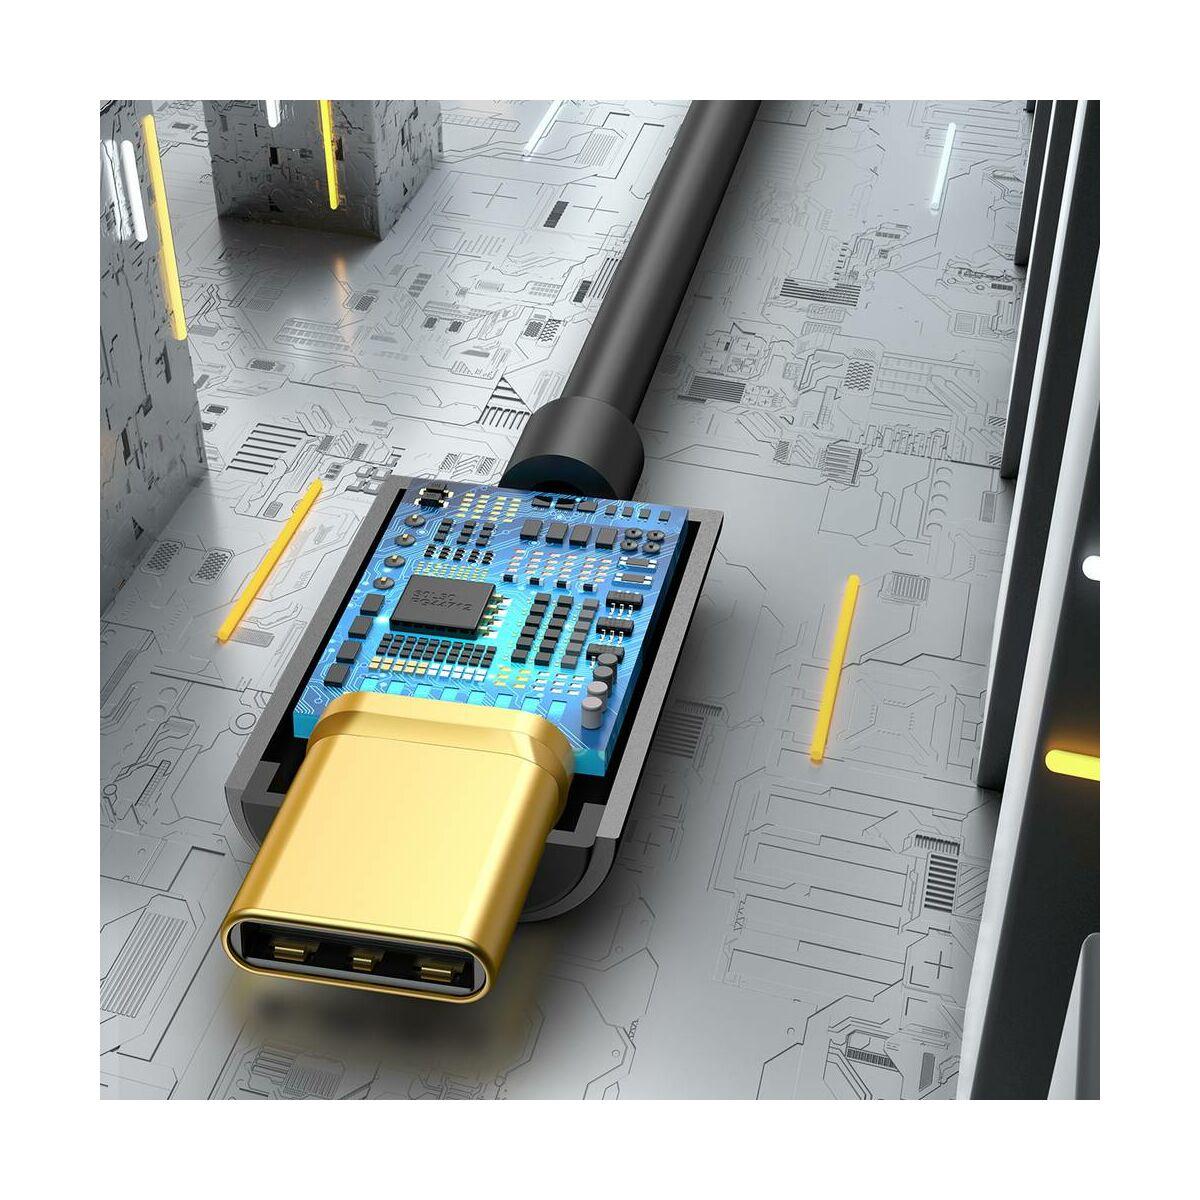 Baseus átalakító, L54 Type-C [apa] - 3.5mm [anya] adapter, fekete (CATL54-01)